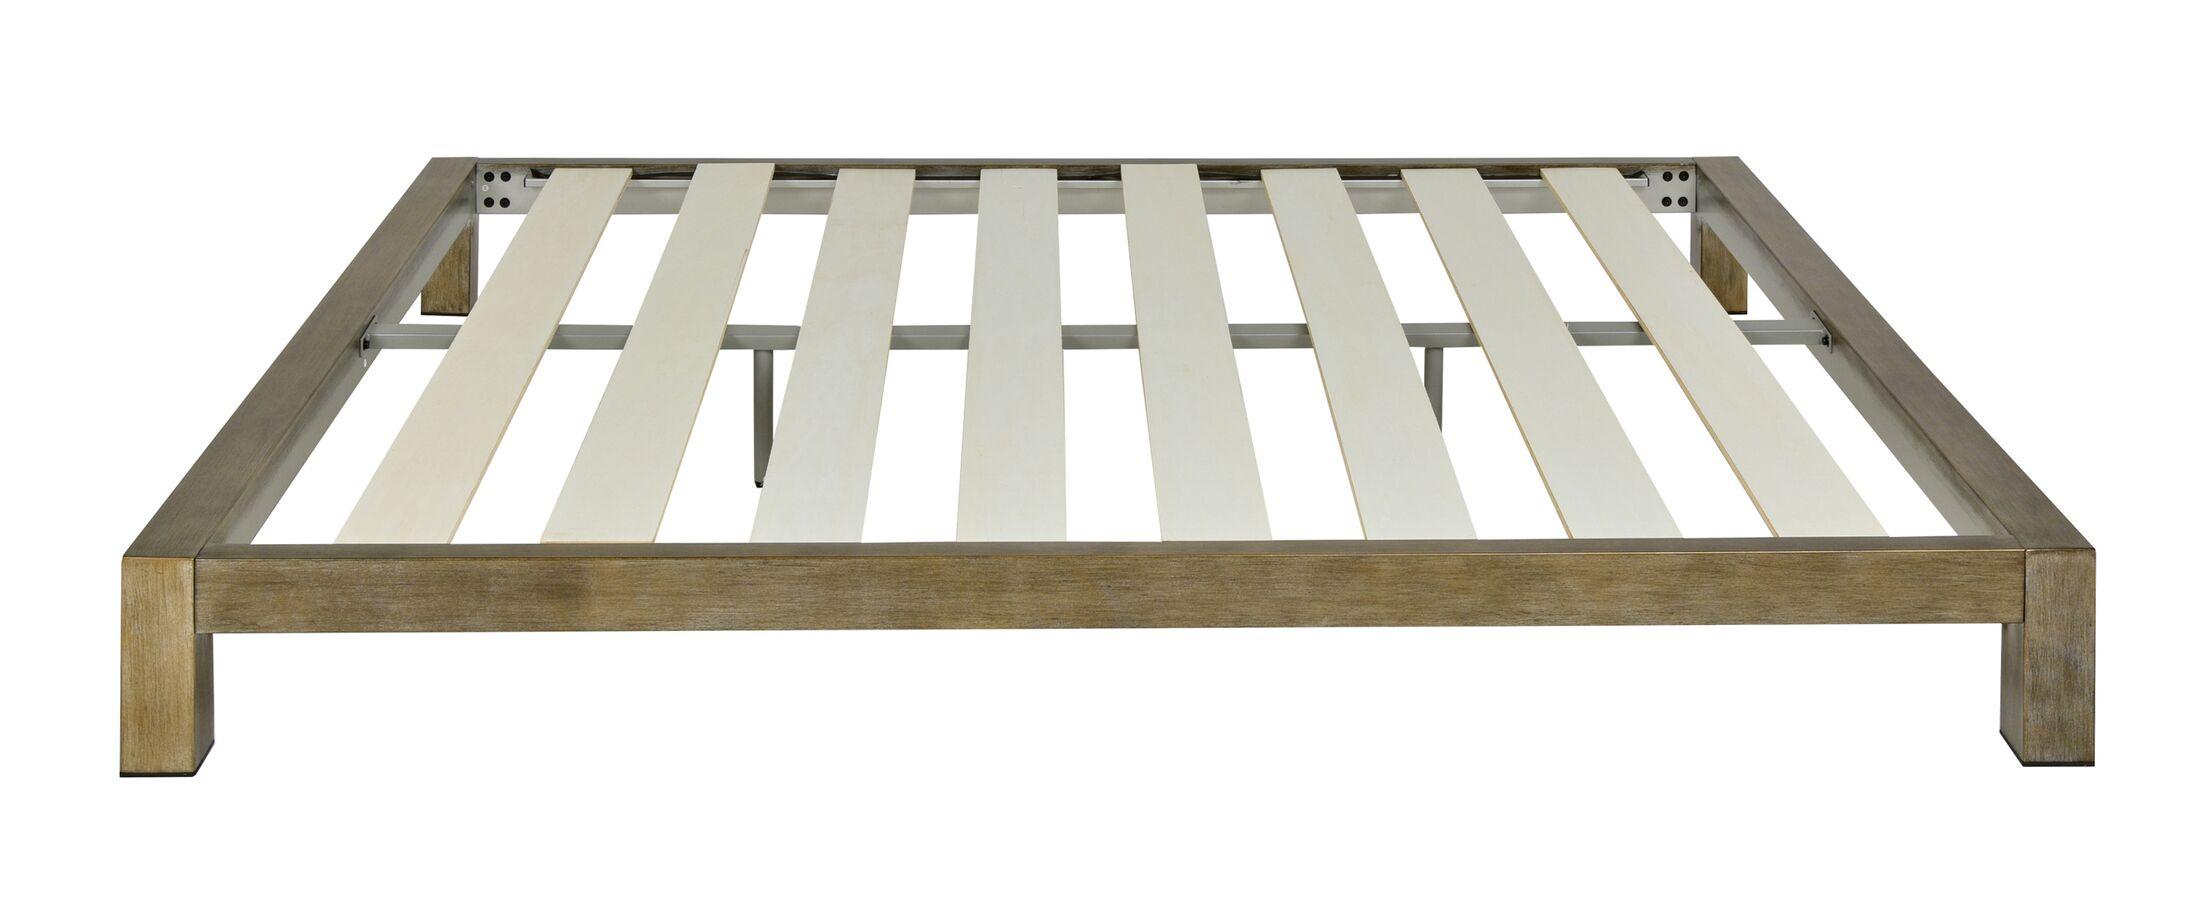 Szumowski Metal Platform Bed Frame Size: Queen